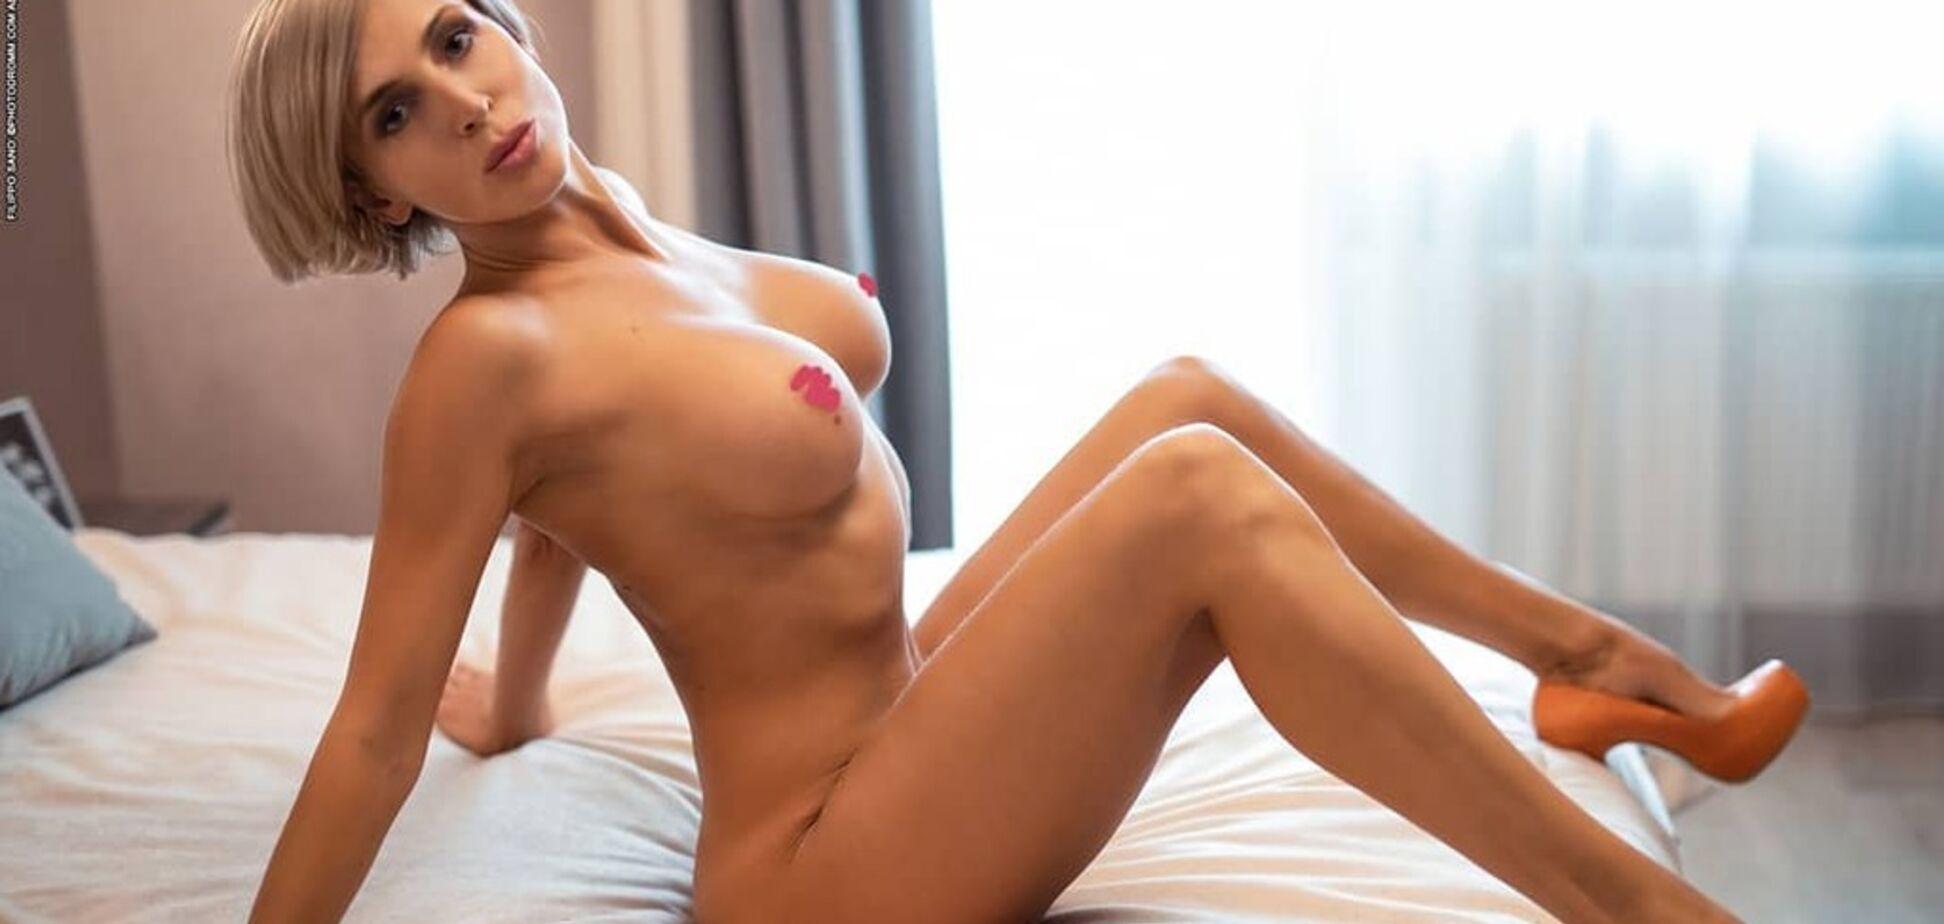 Украинская фитнес-модель показала себя полностью обнаженной, поразив идеальным телом